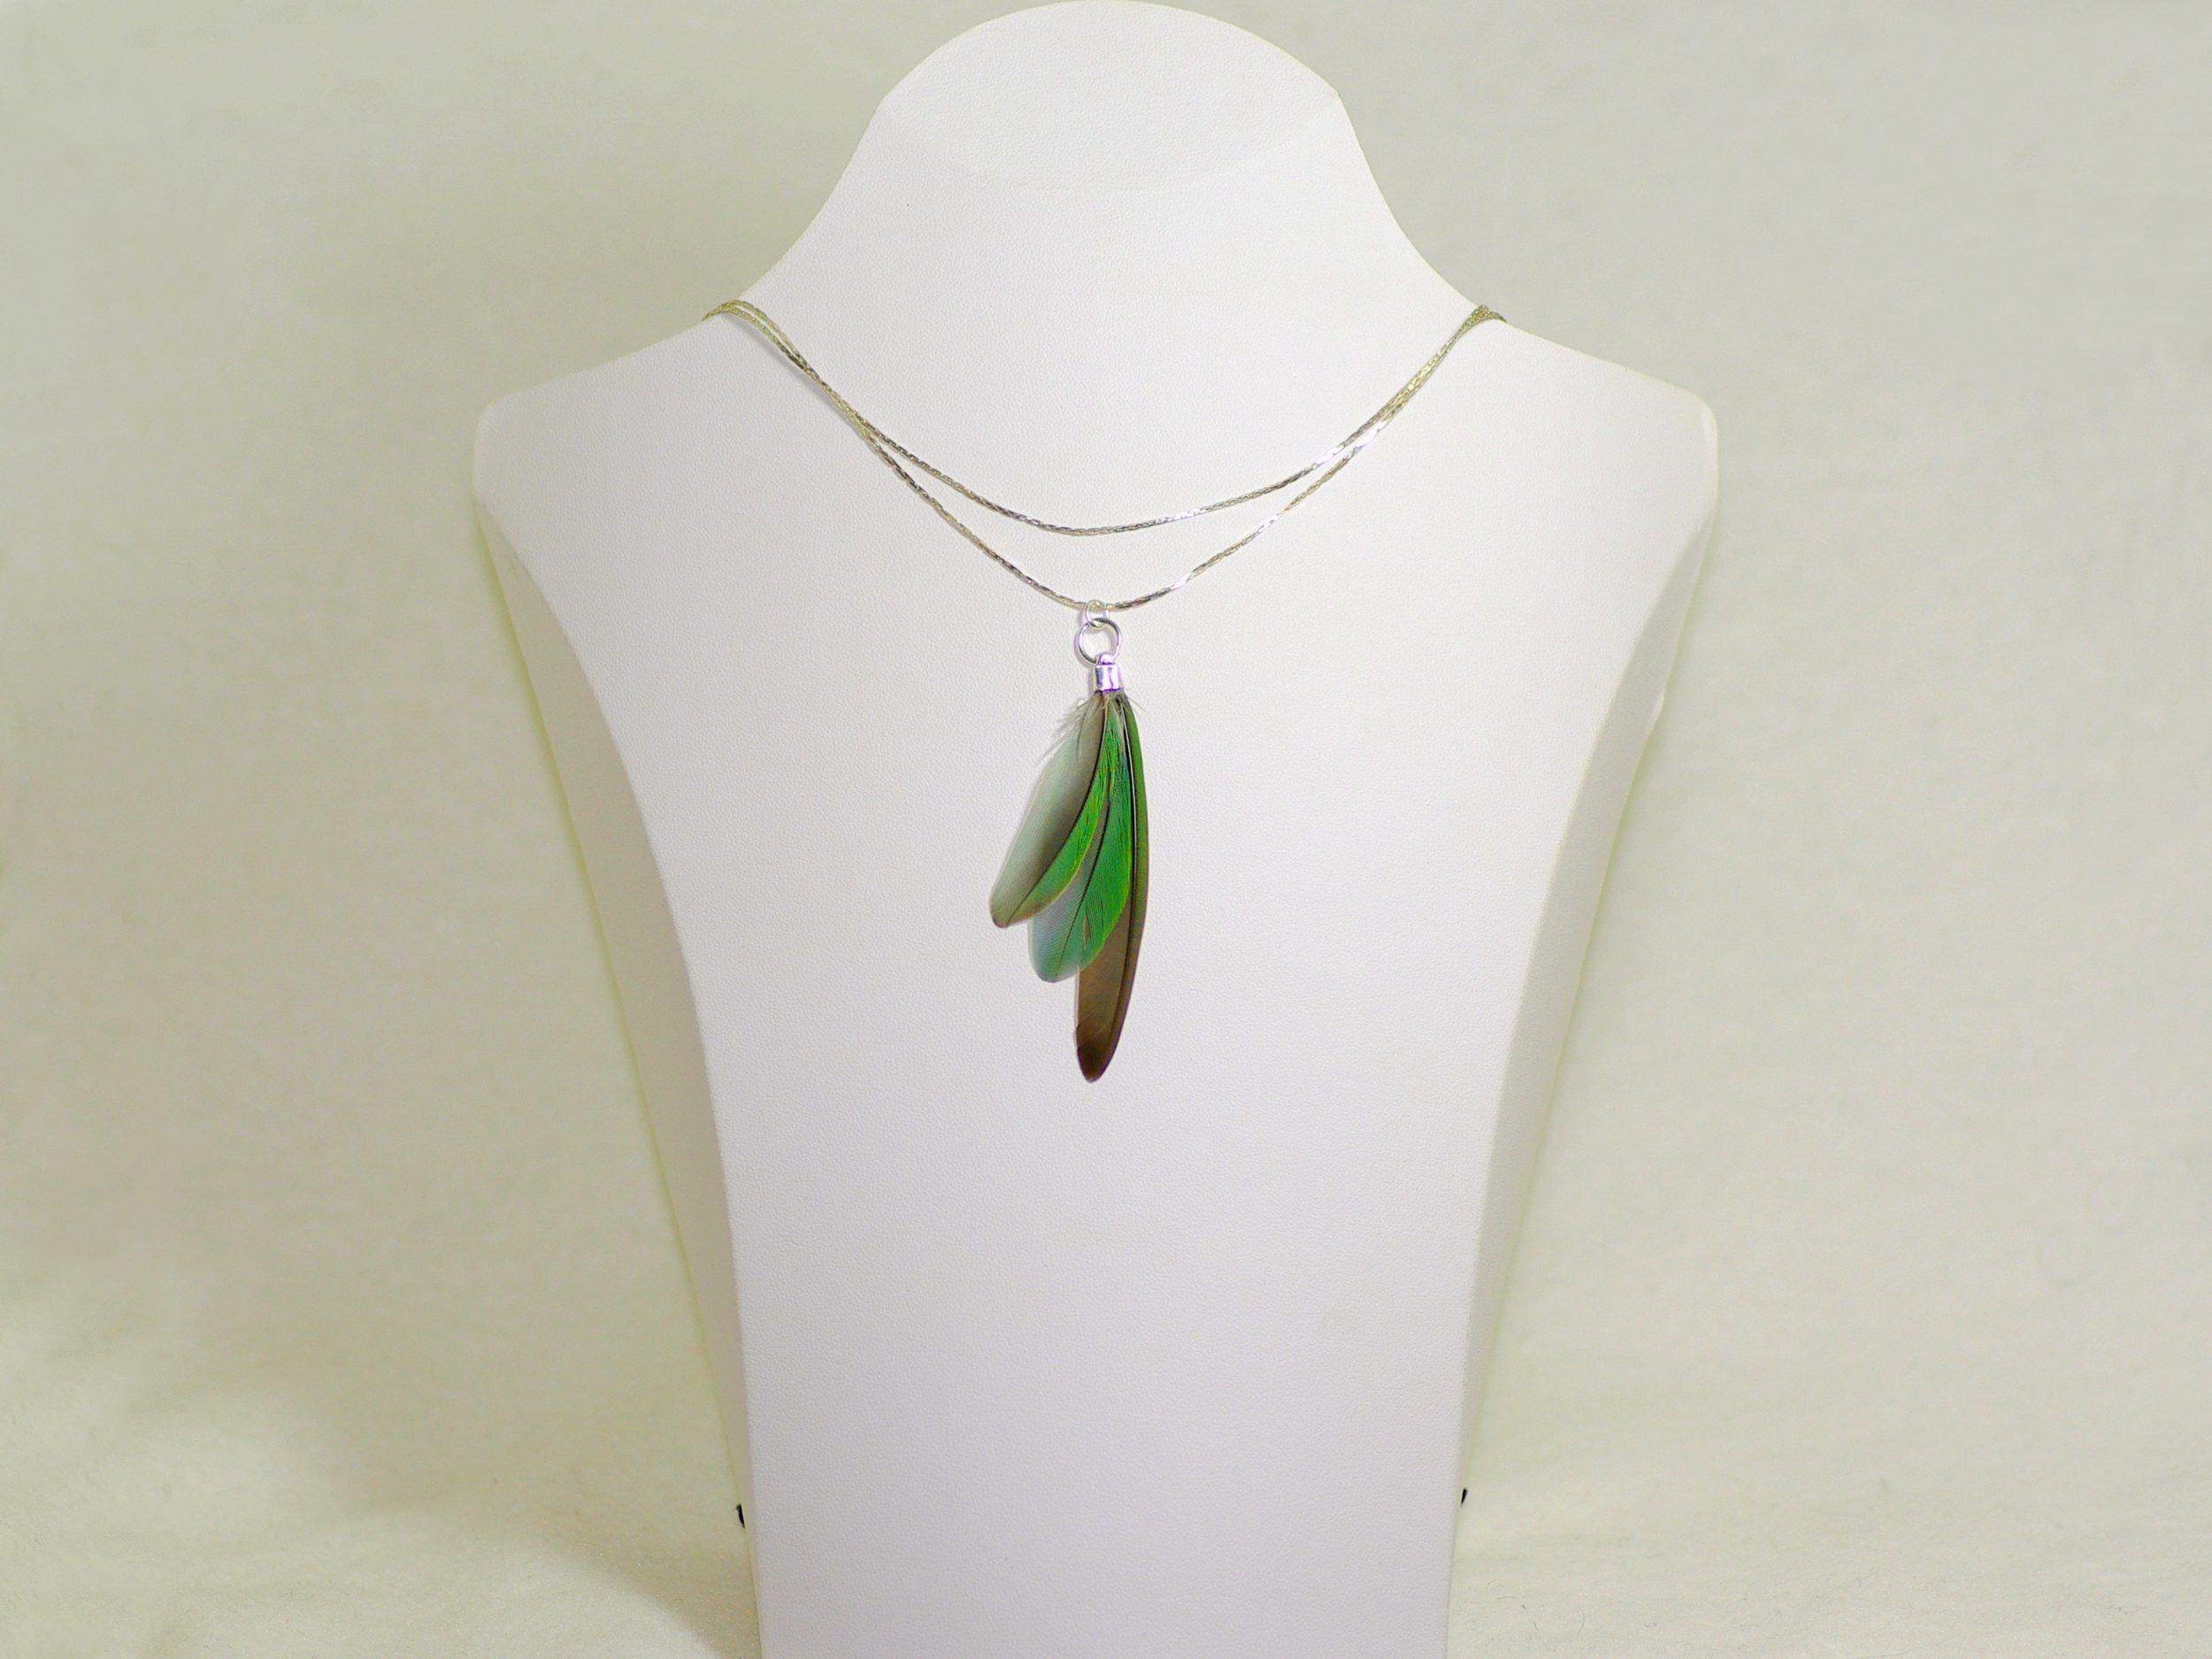 collier avec un pendentif plumes en éventail, plumes vert-gris, deux chaînes en inox